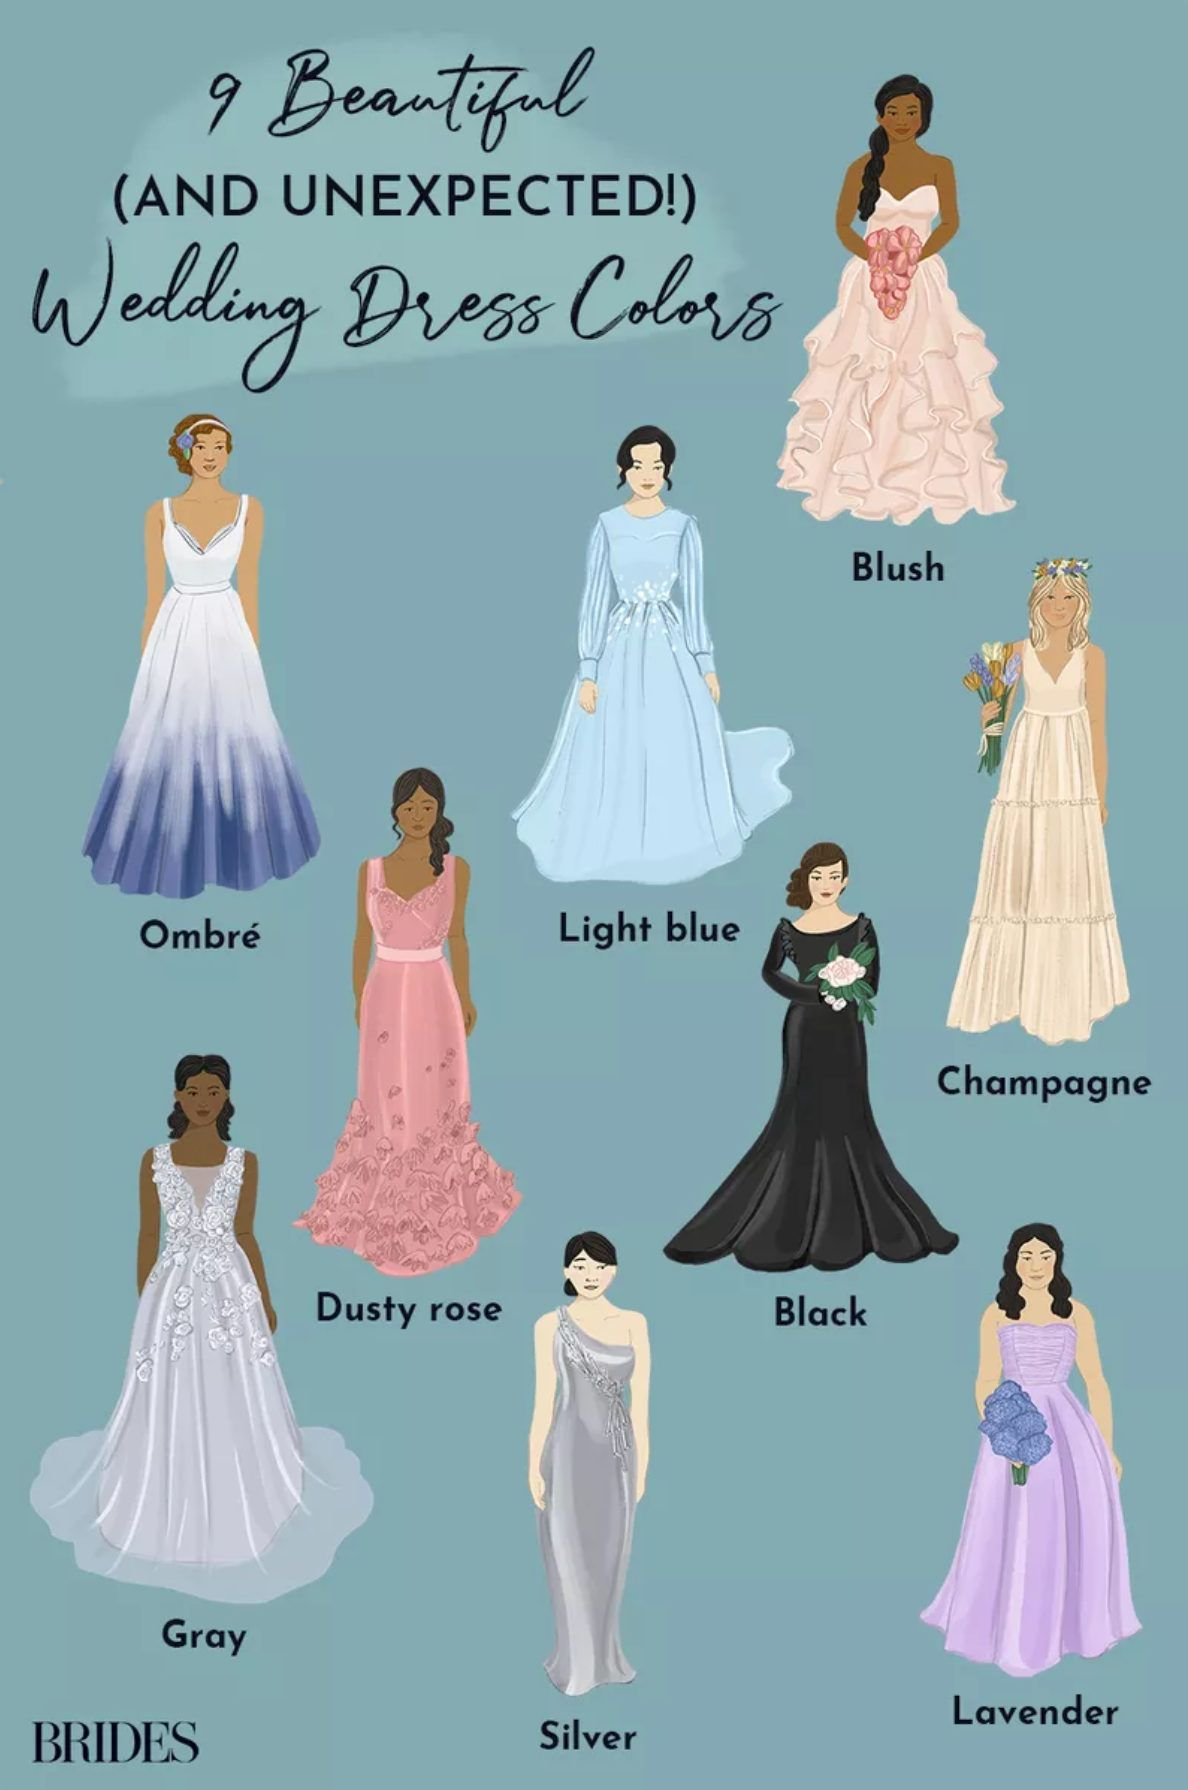 Modern Brides Dont Have To Wear White Wedding Dresses Here Are 9 Colored Wedding Dre Wedding Dress Inspiration Beautiful Wedding Dresses Colored Wedding Dress